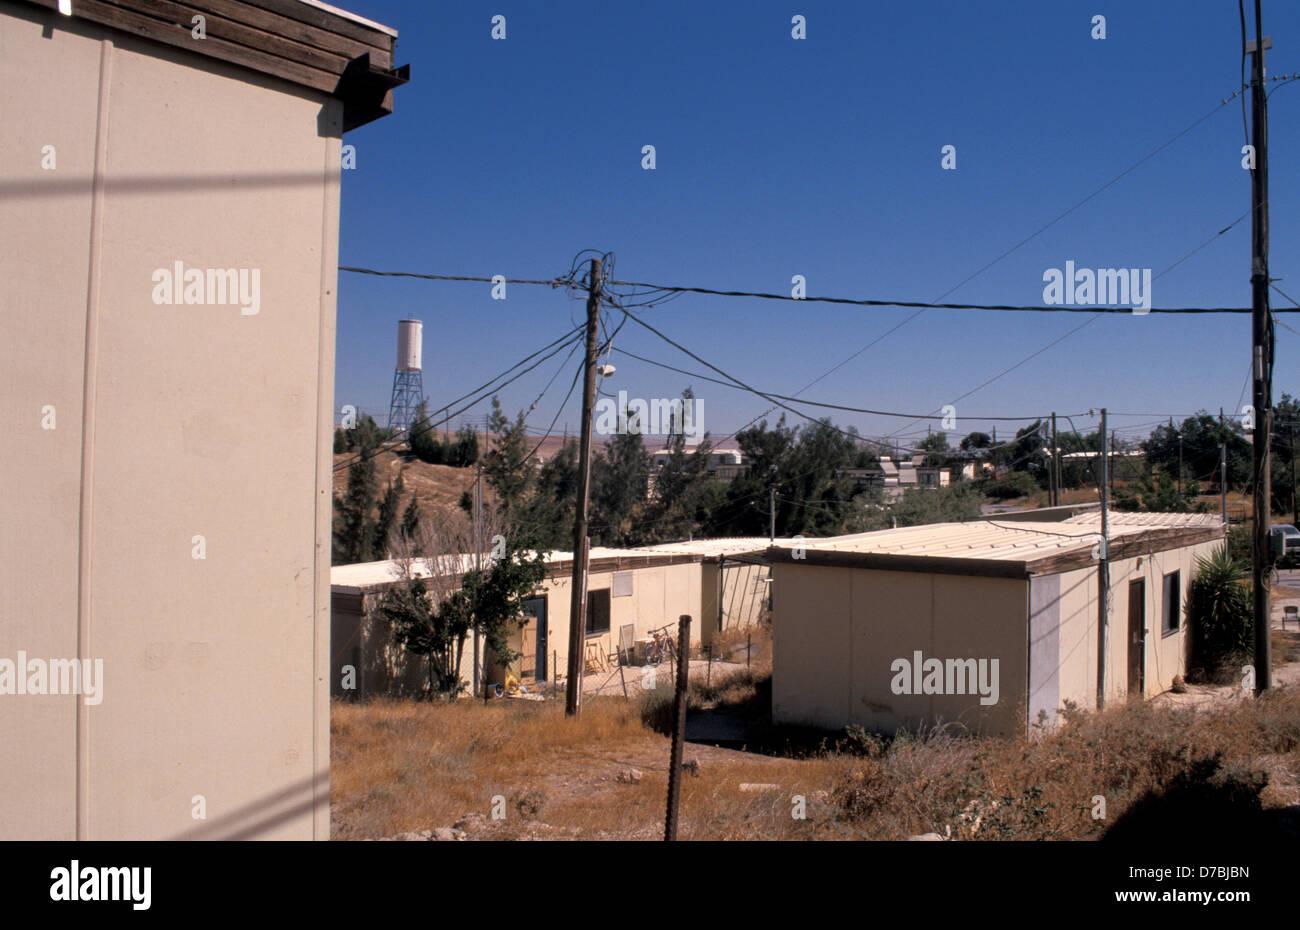 Caravanas en el asentamiento de Alon en Judea, 2003 Imagen De Stock